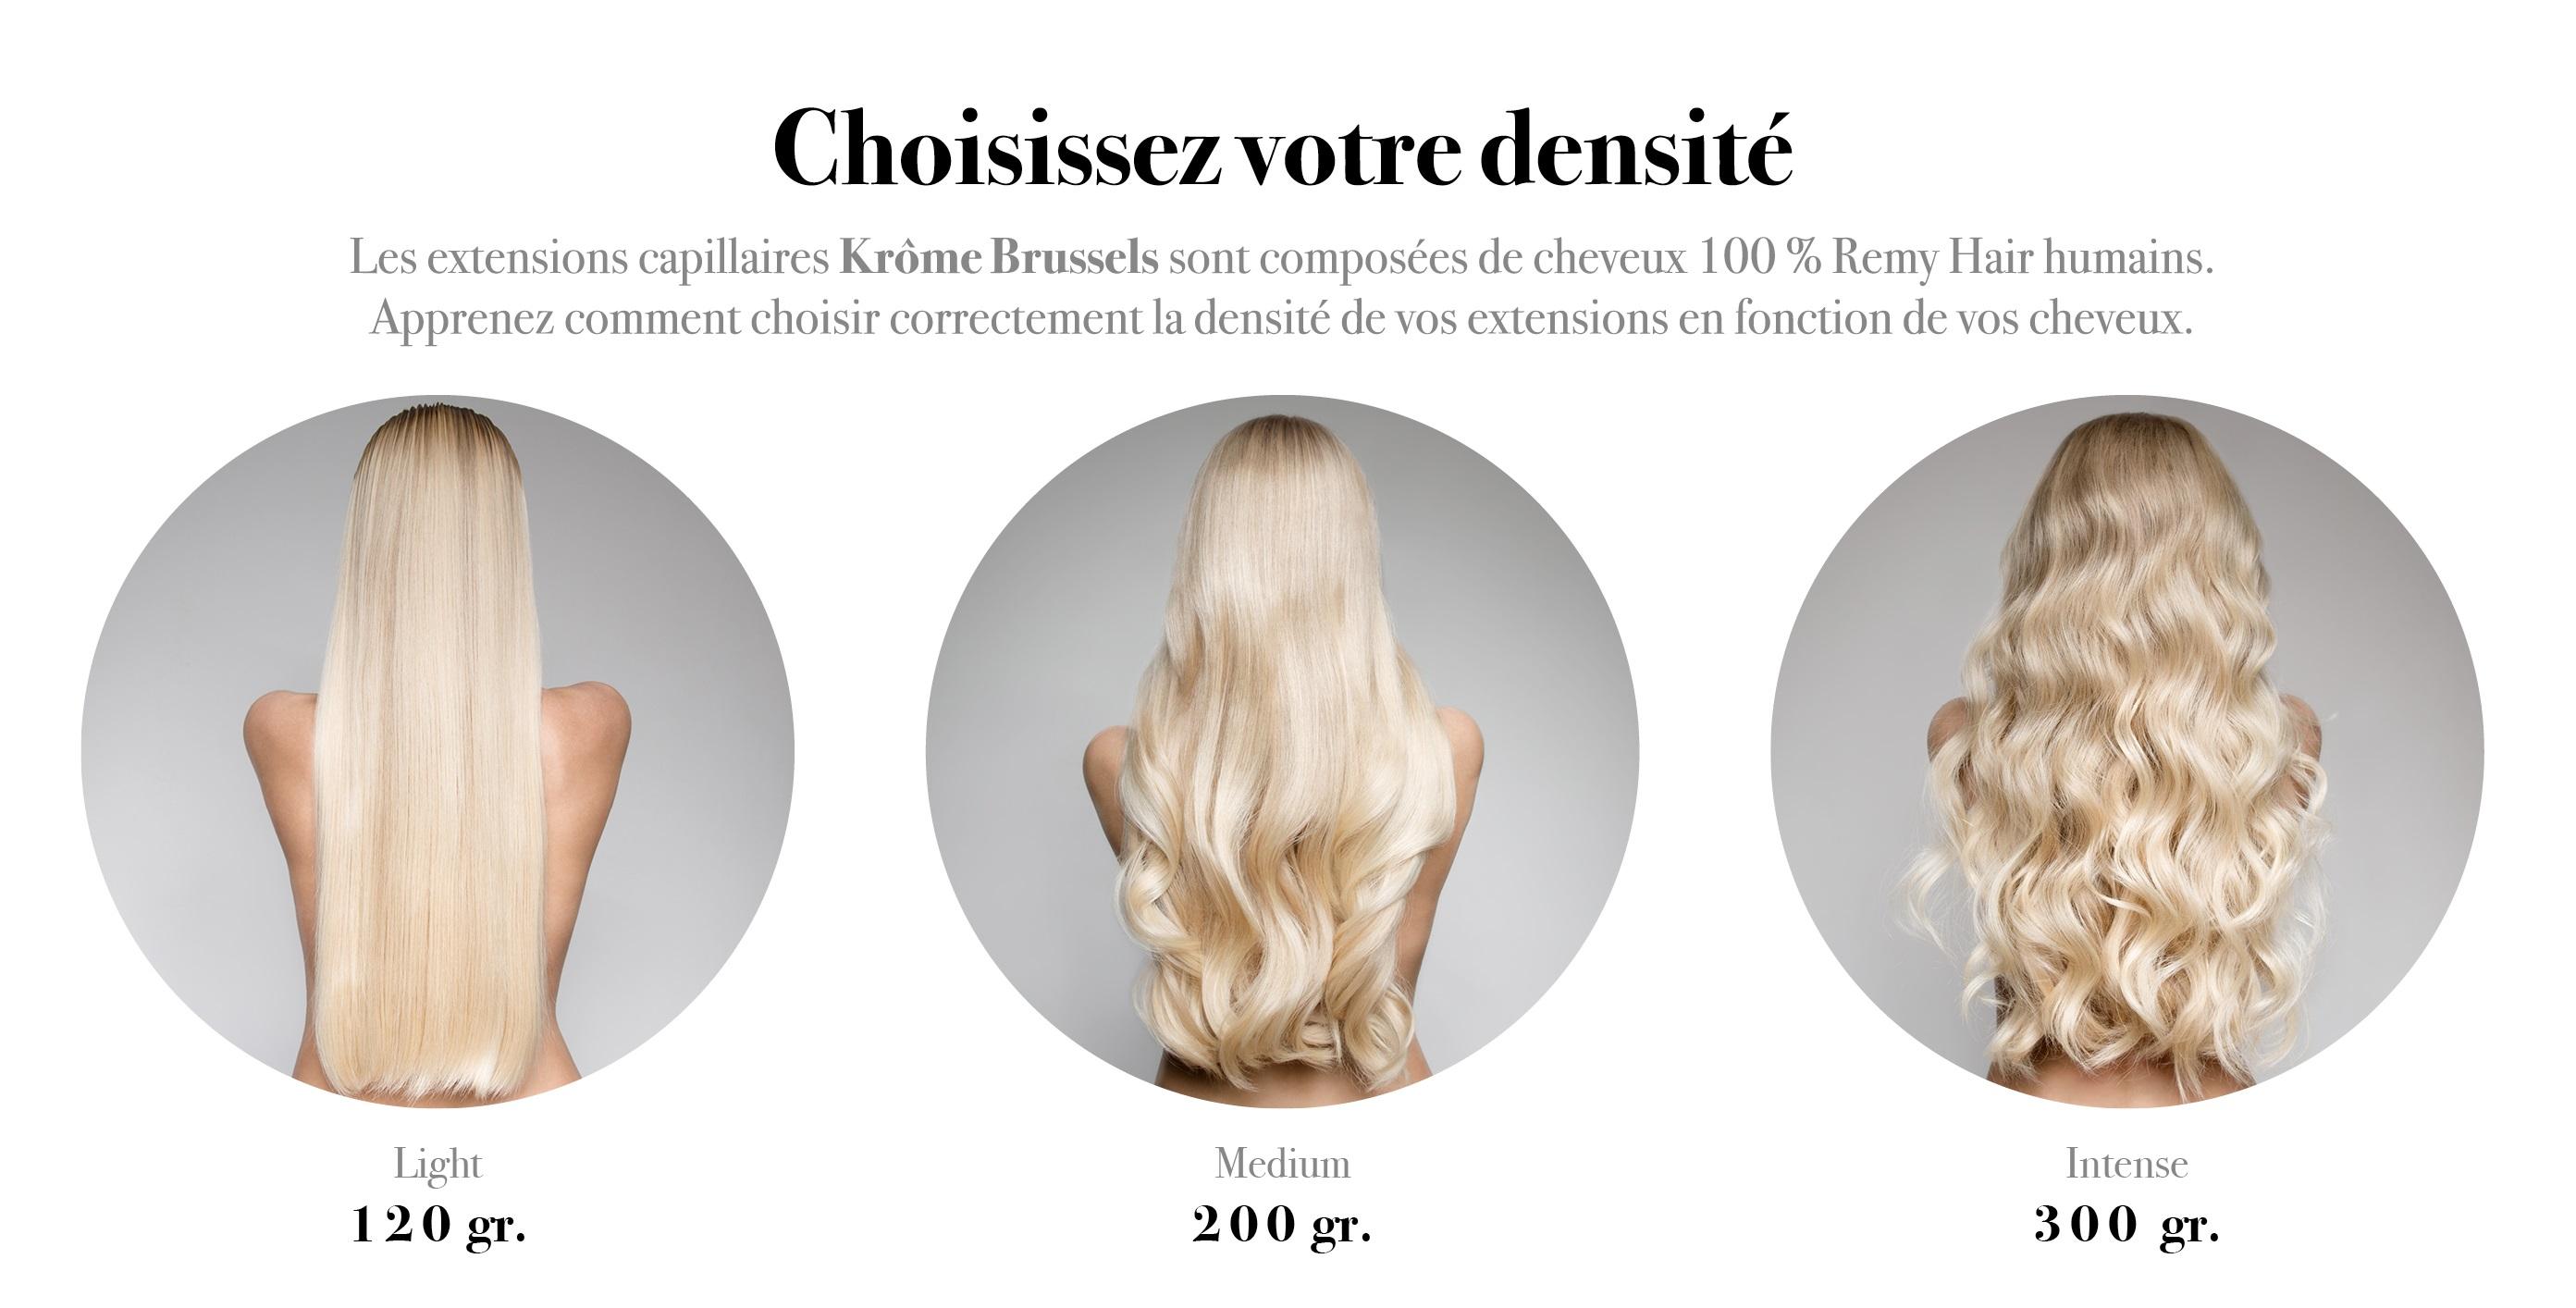 Transforme tes cheveux avec les extensions Krôme